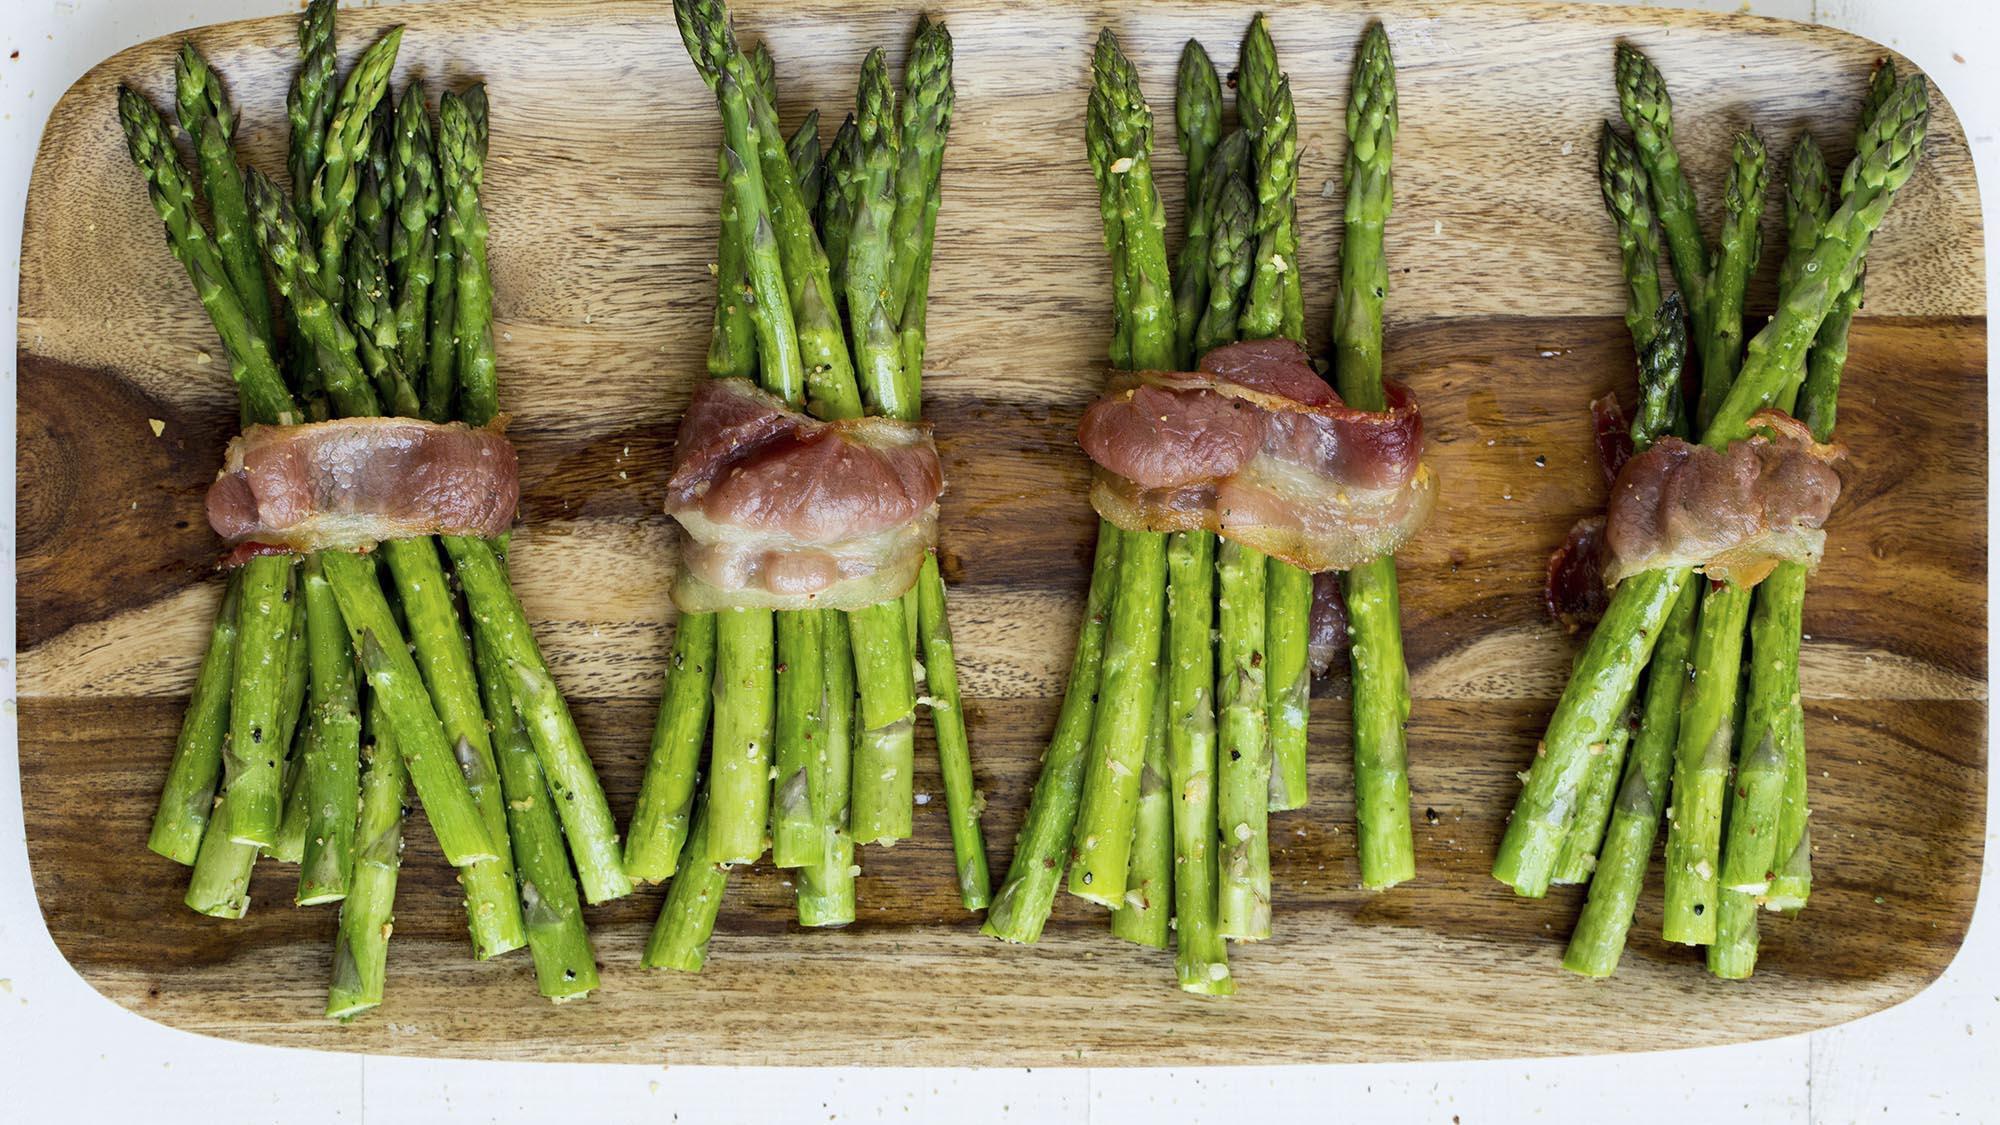 bacon_wrapped_roasted_asparagus_2000x1125.jpg